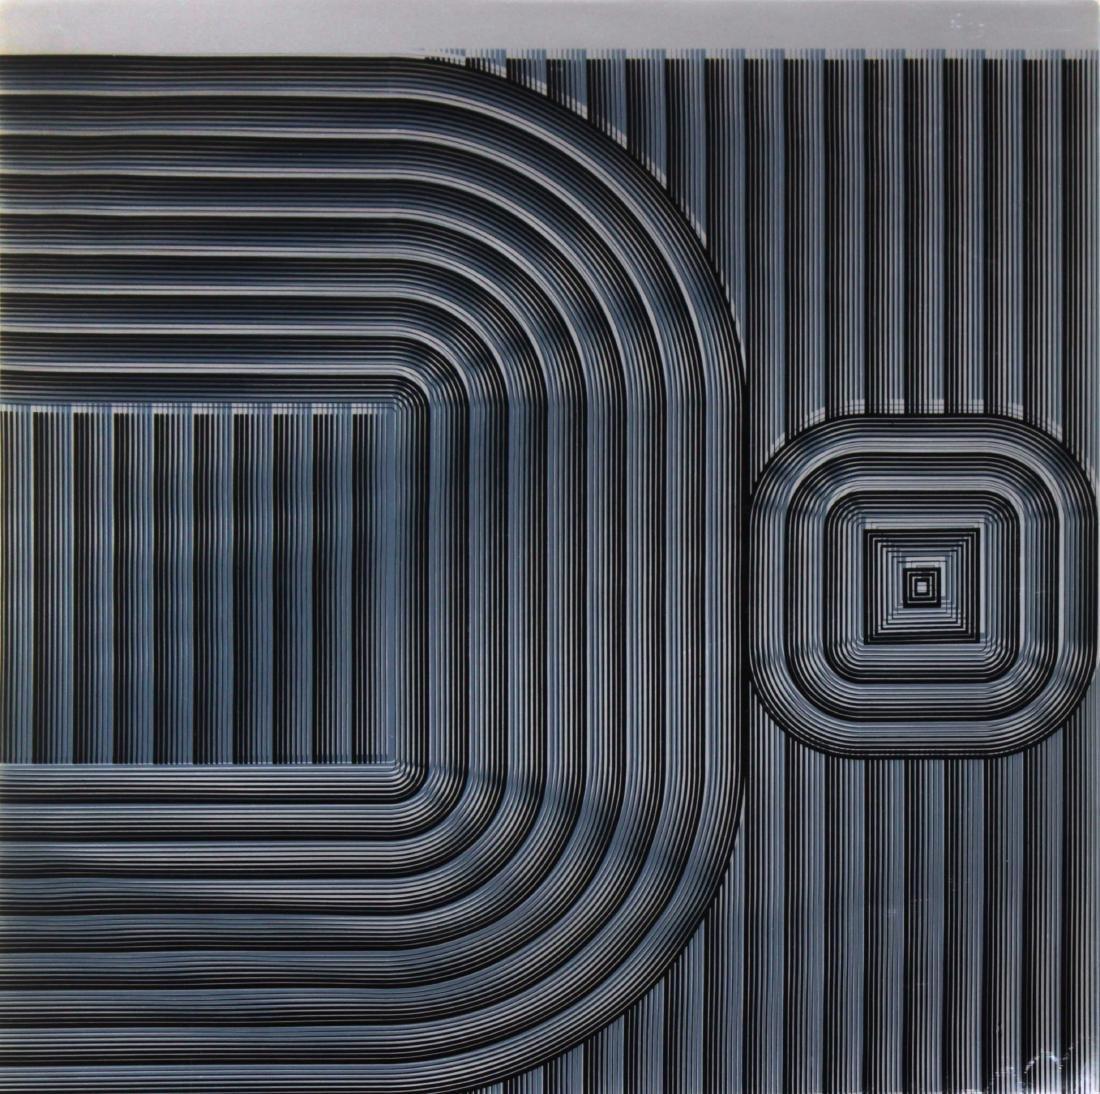 """Herbert W. Kapitzki - Cover from """"Domberger Siebdruck"""